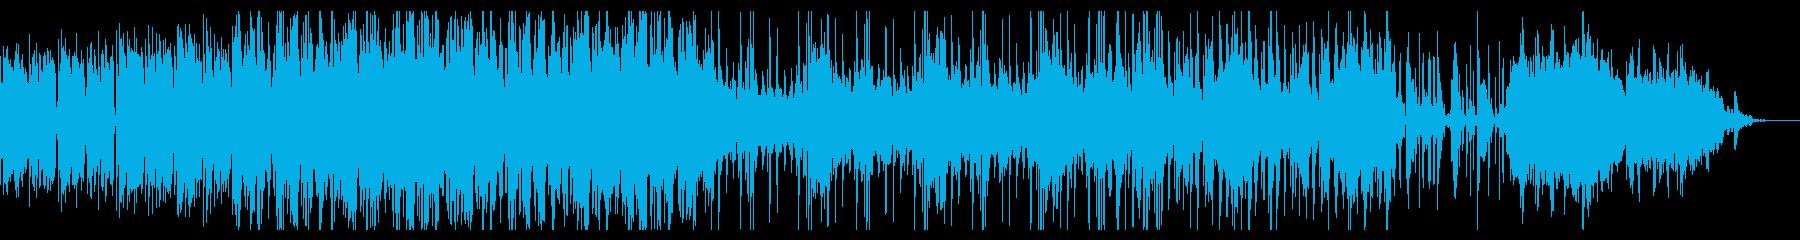 プログレッシブなアートロックサウンド。の再生済みの波形